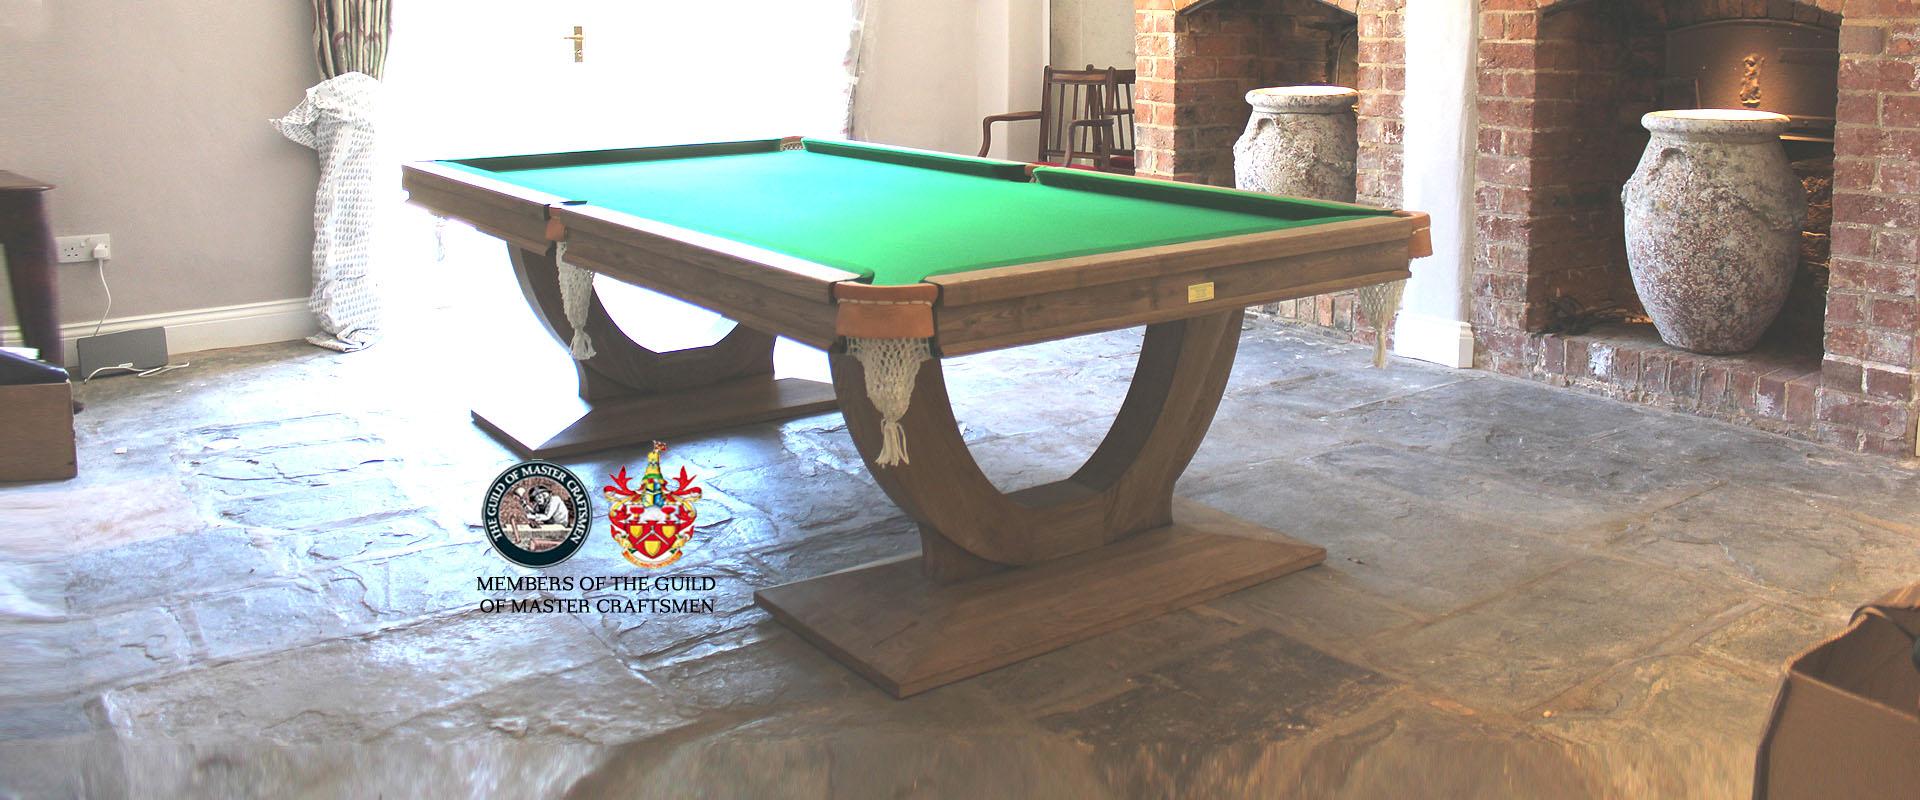 Market Leaders Of Bespoke Snooker Tables Pool Cues Dining